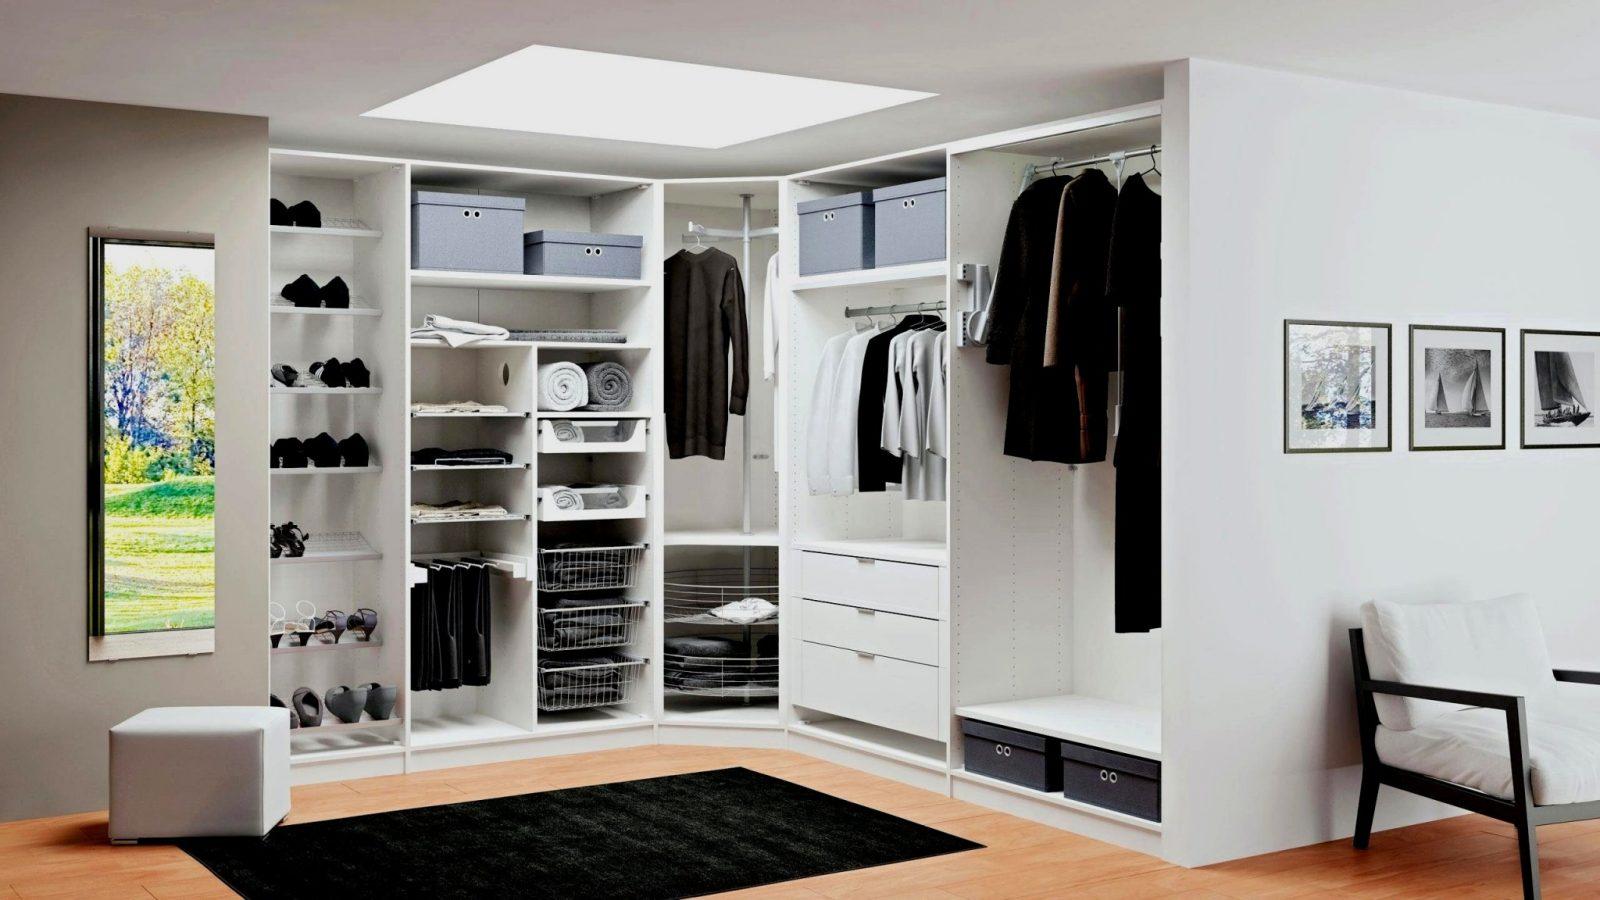 Kleidung Schrank Ikea Regalsystem Selber Bauen Best Regalsystem von Ikea Schrank Selber Planen Bild